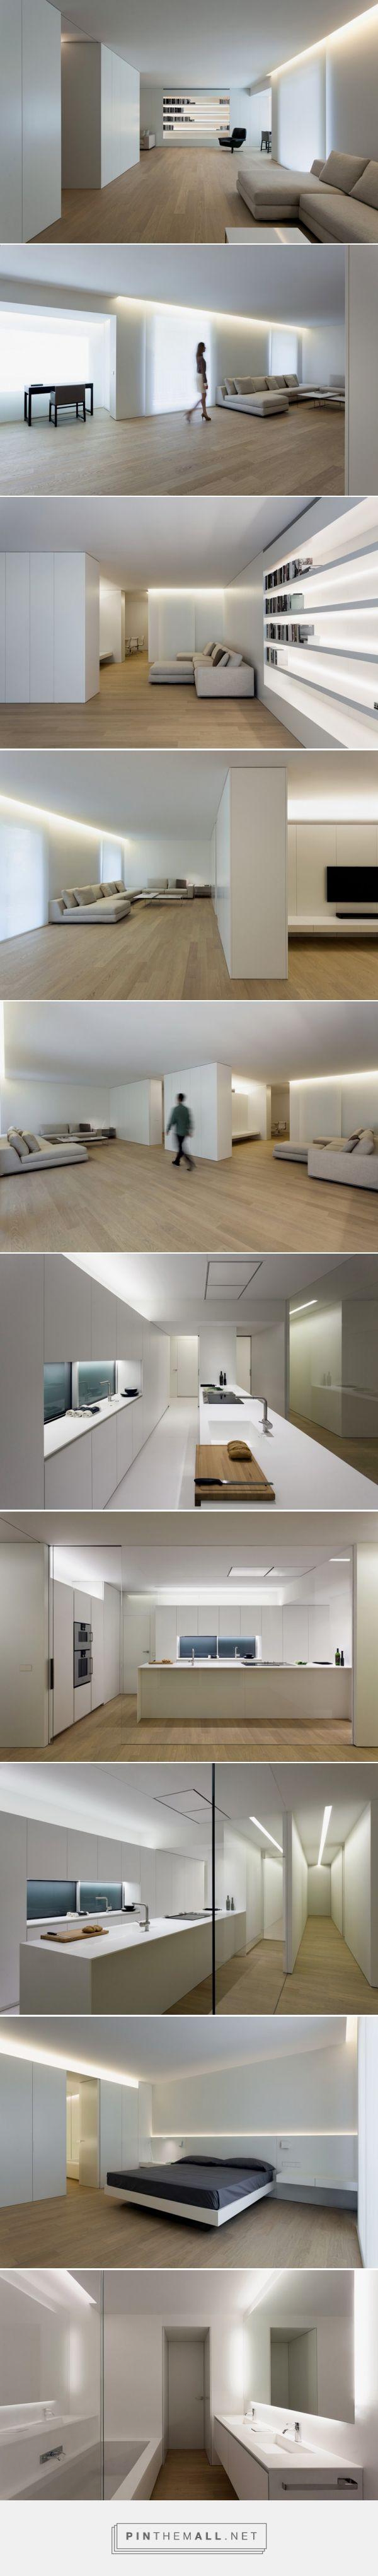 Innenarchitektur für wohnzimmer für kleines haus pin von umarco abel auf interessant  pinterest  architektur